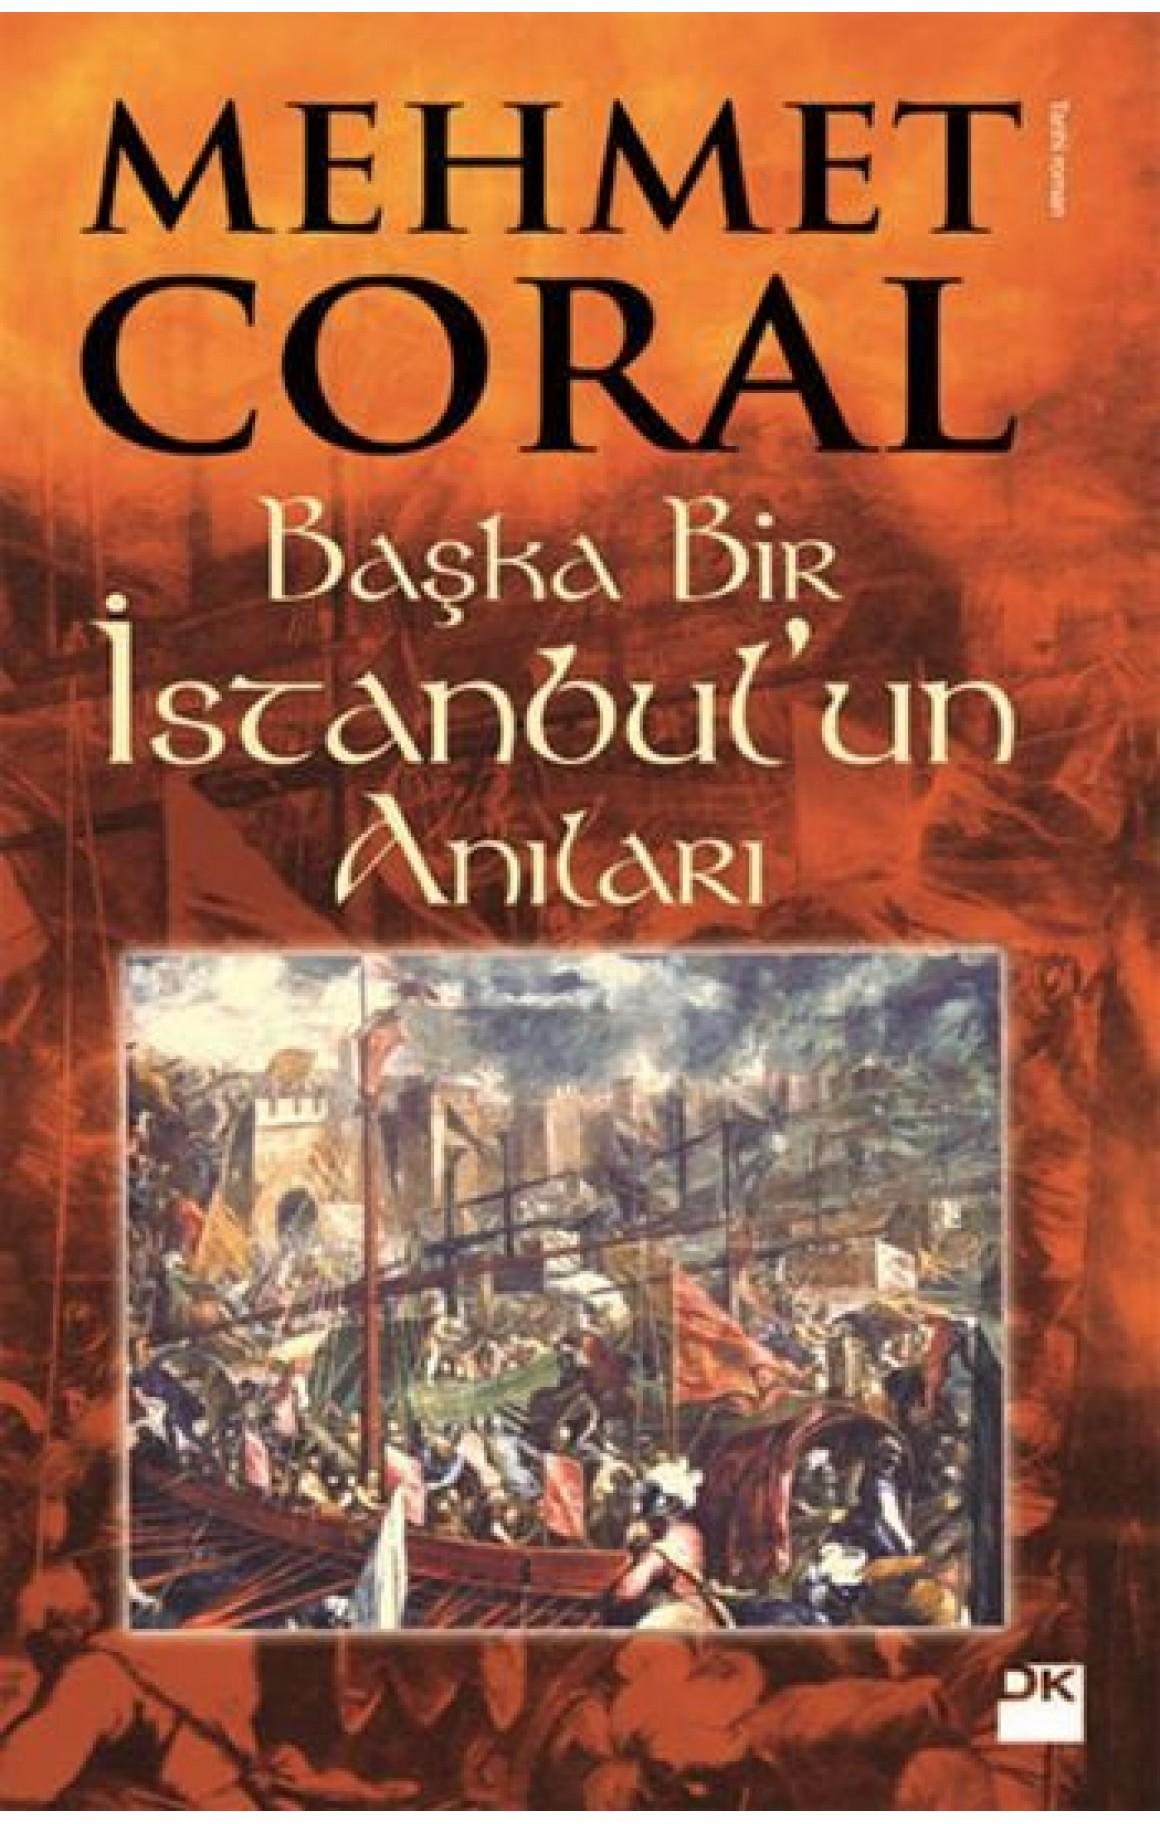 Başka Bir İstanbulun Anıları